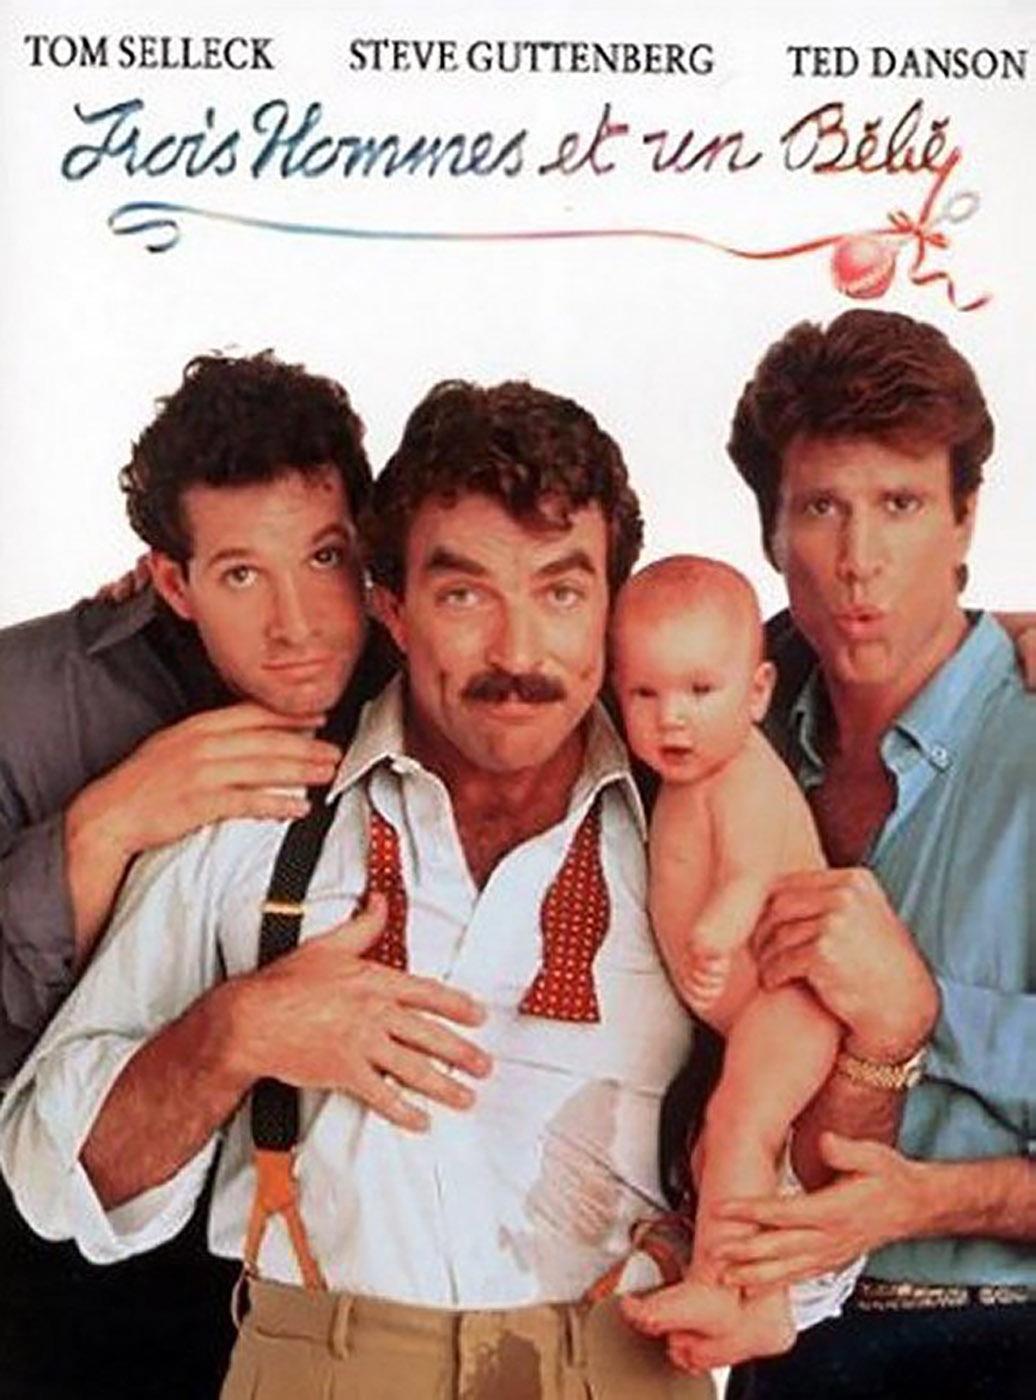 Affiche Poster trois hommes bébé three men baby disney touchstone